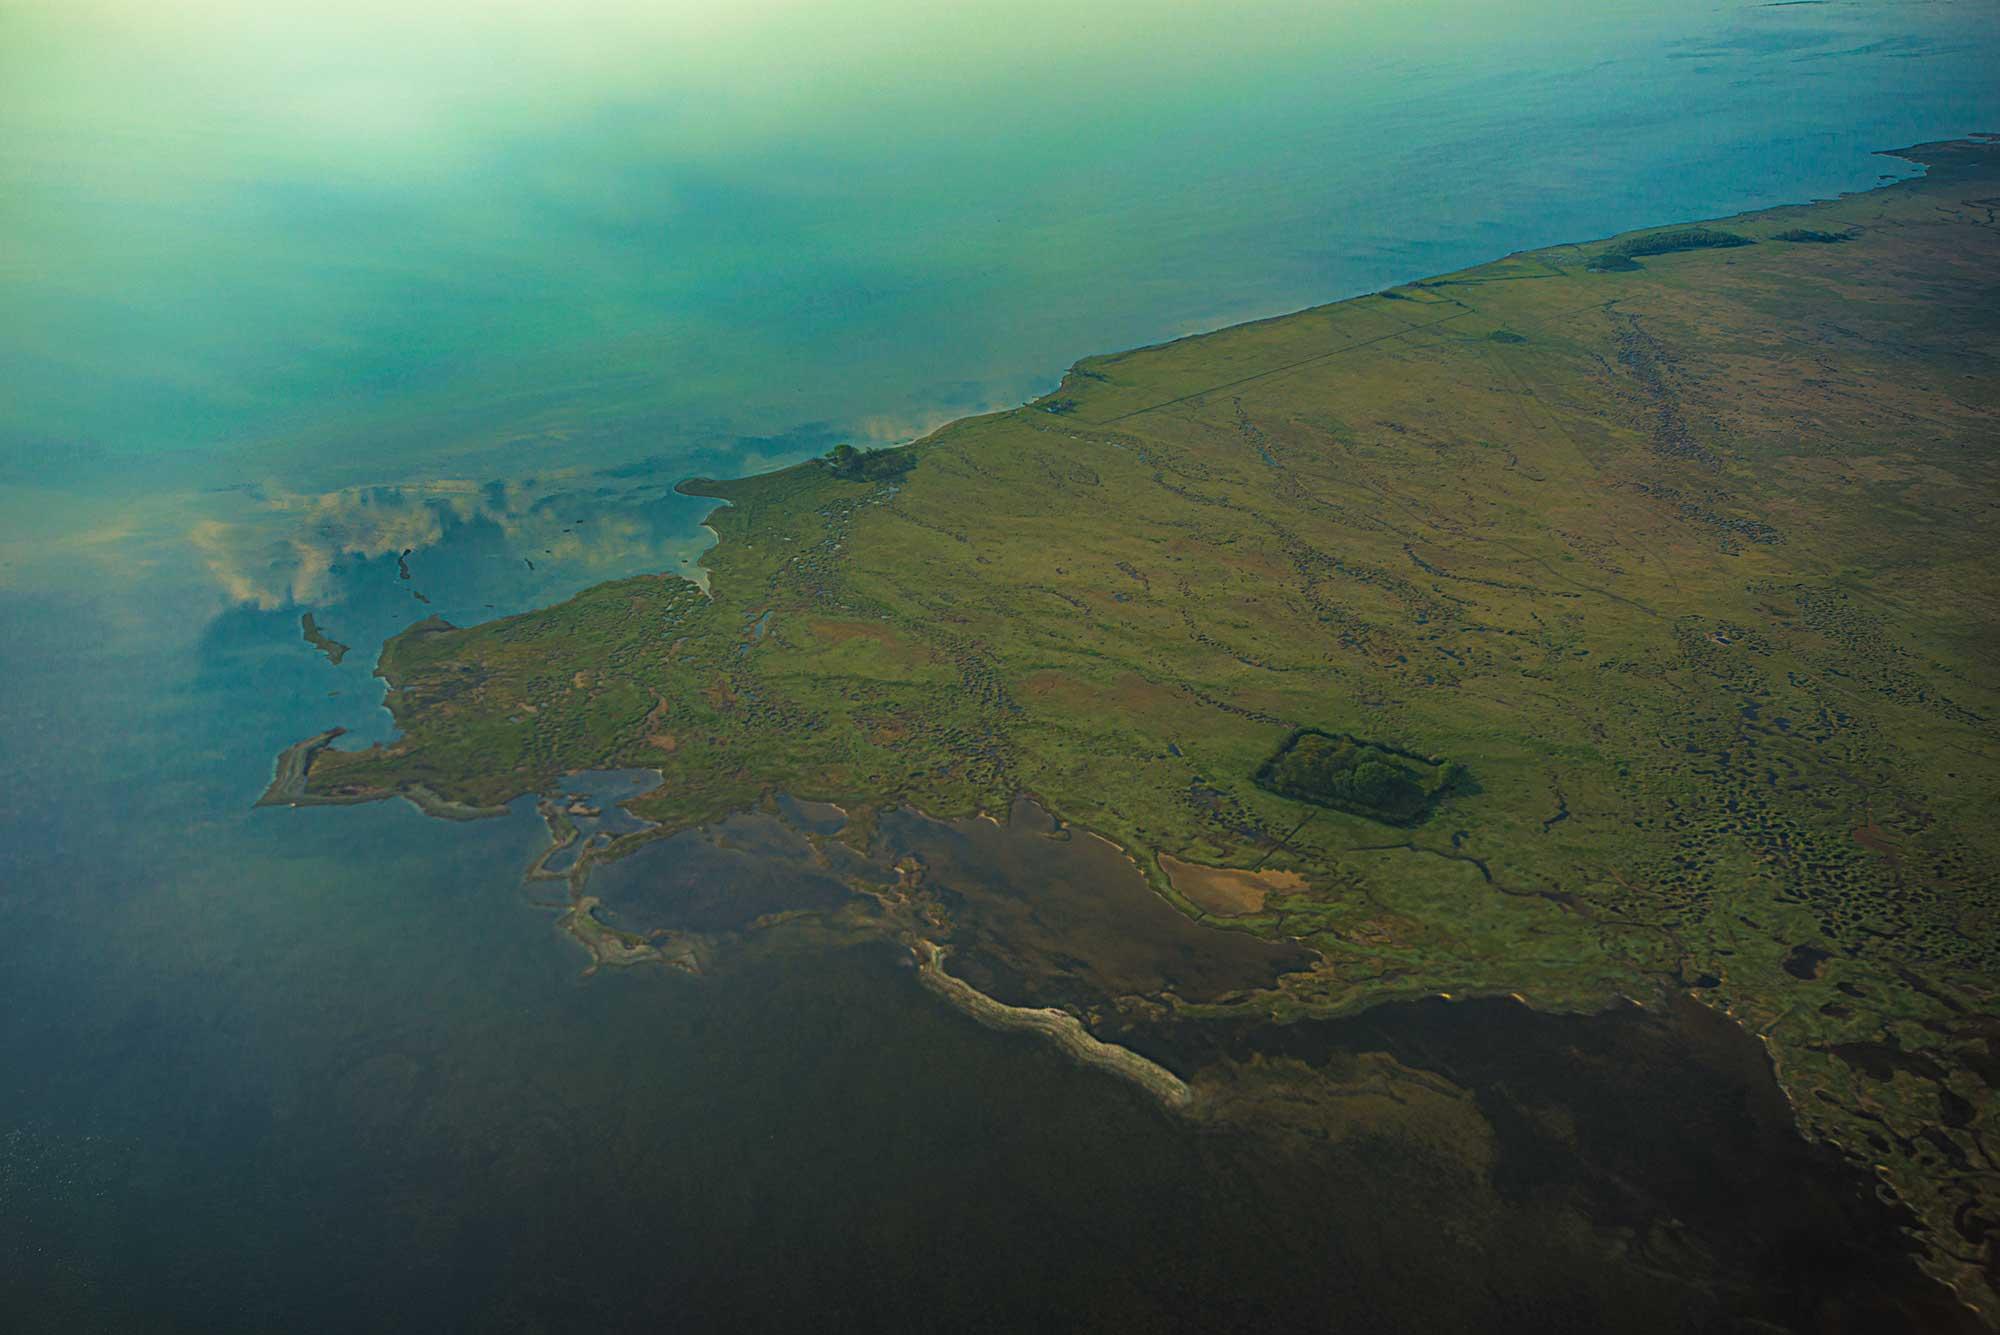 Luftfoto af Saltholm nordsiden